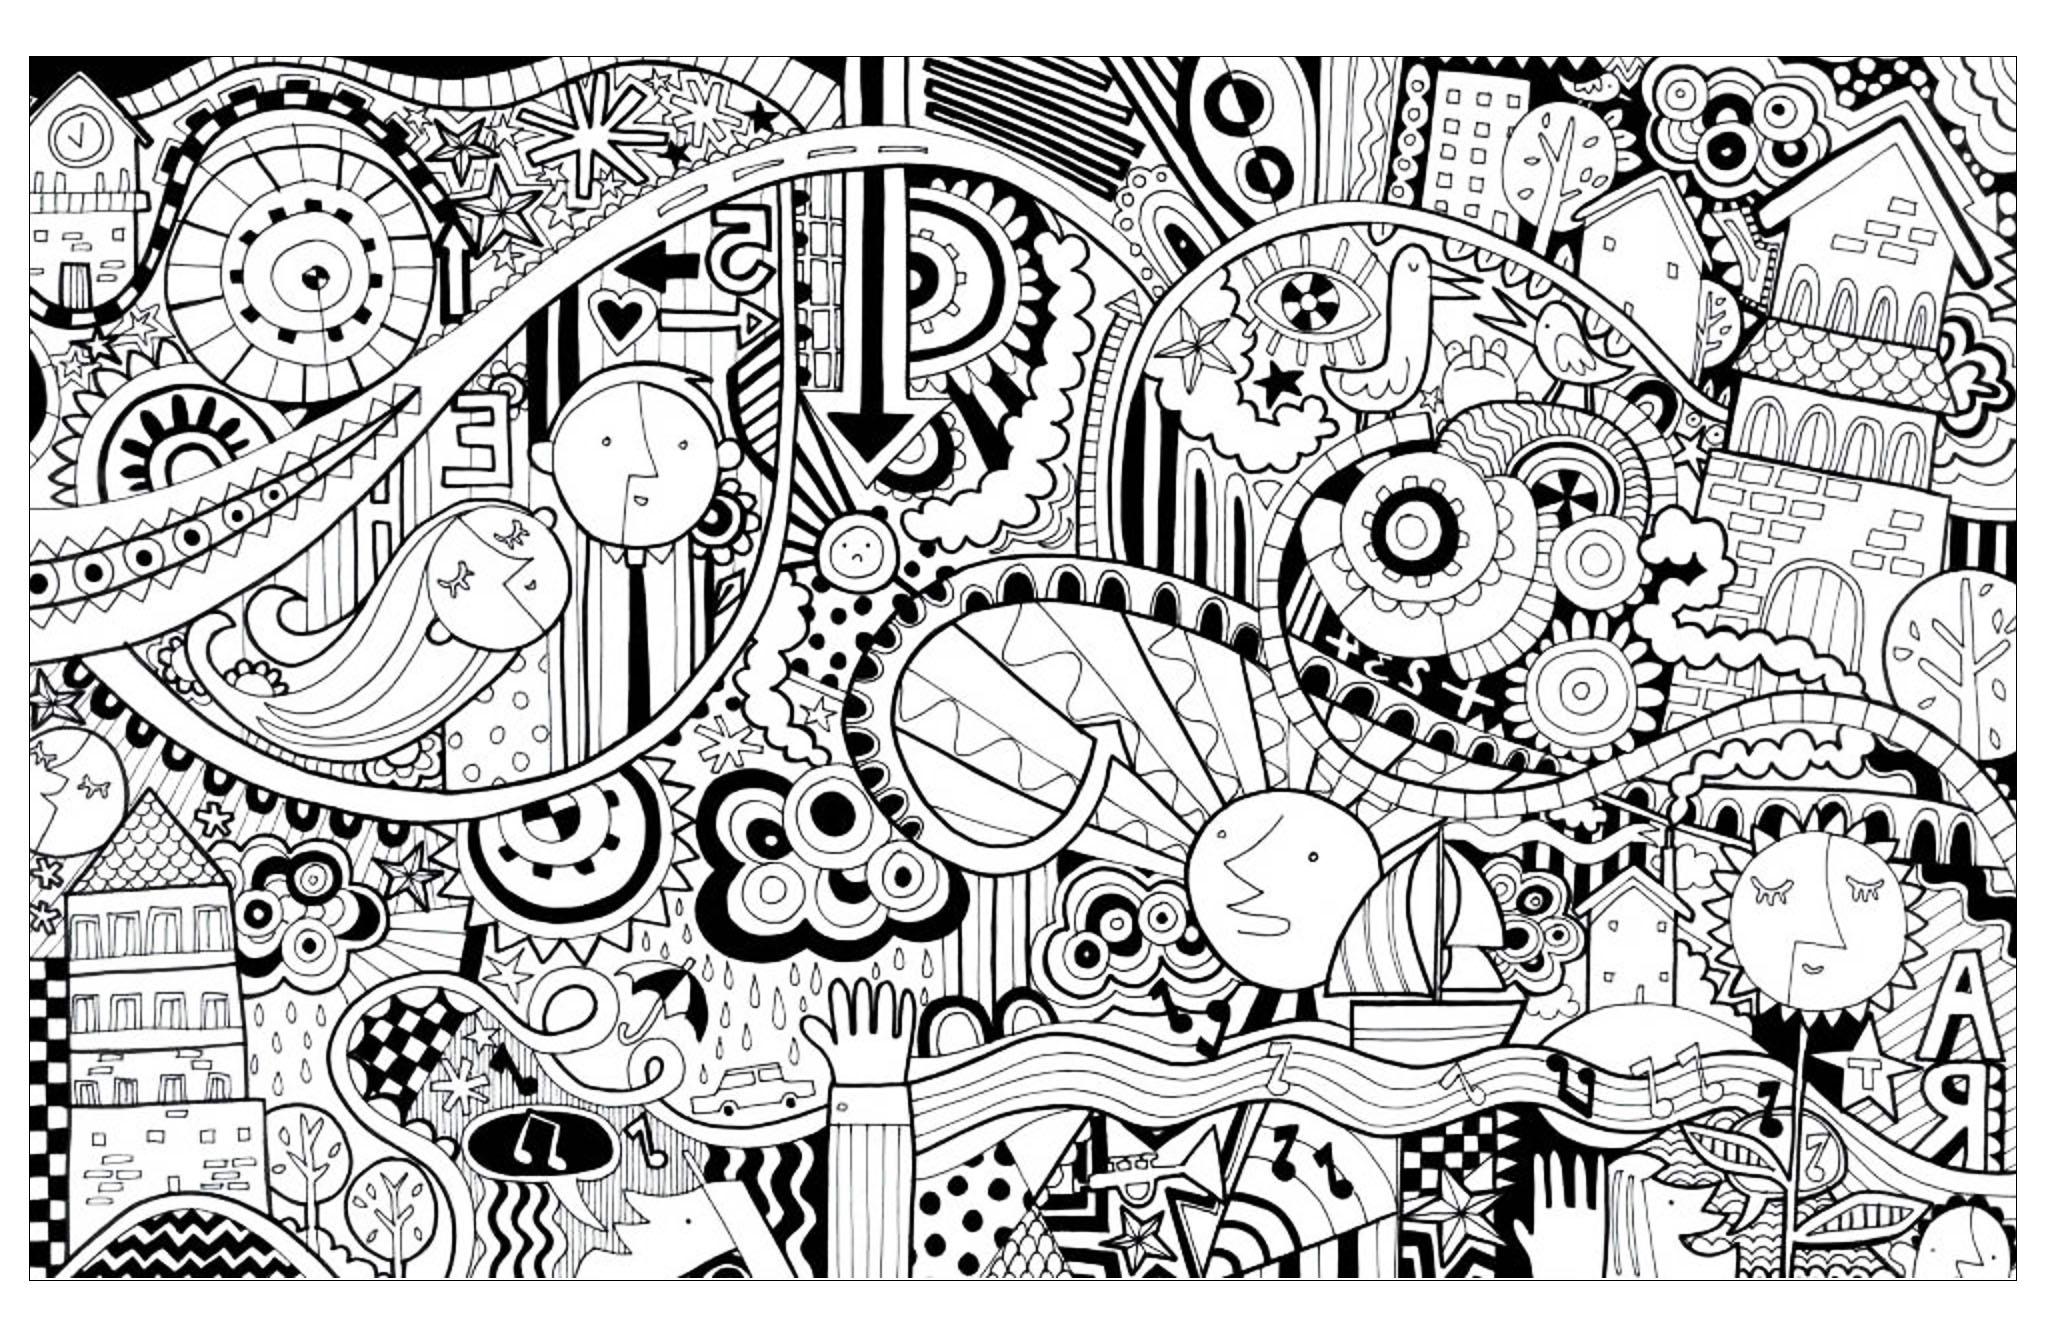 gekritzelkunst gekritzel 70425  doodle art  doodling